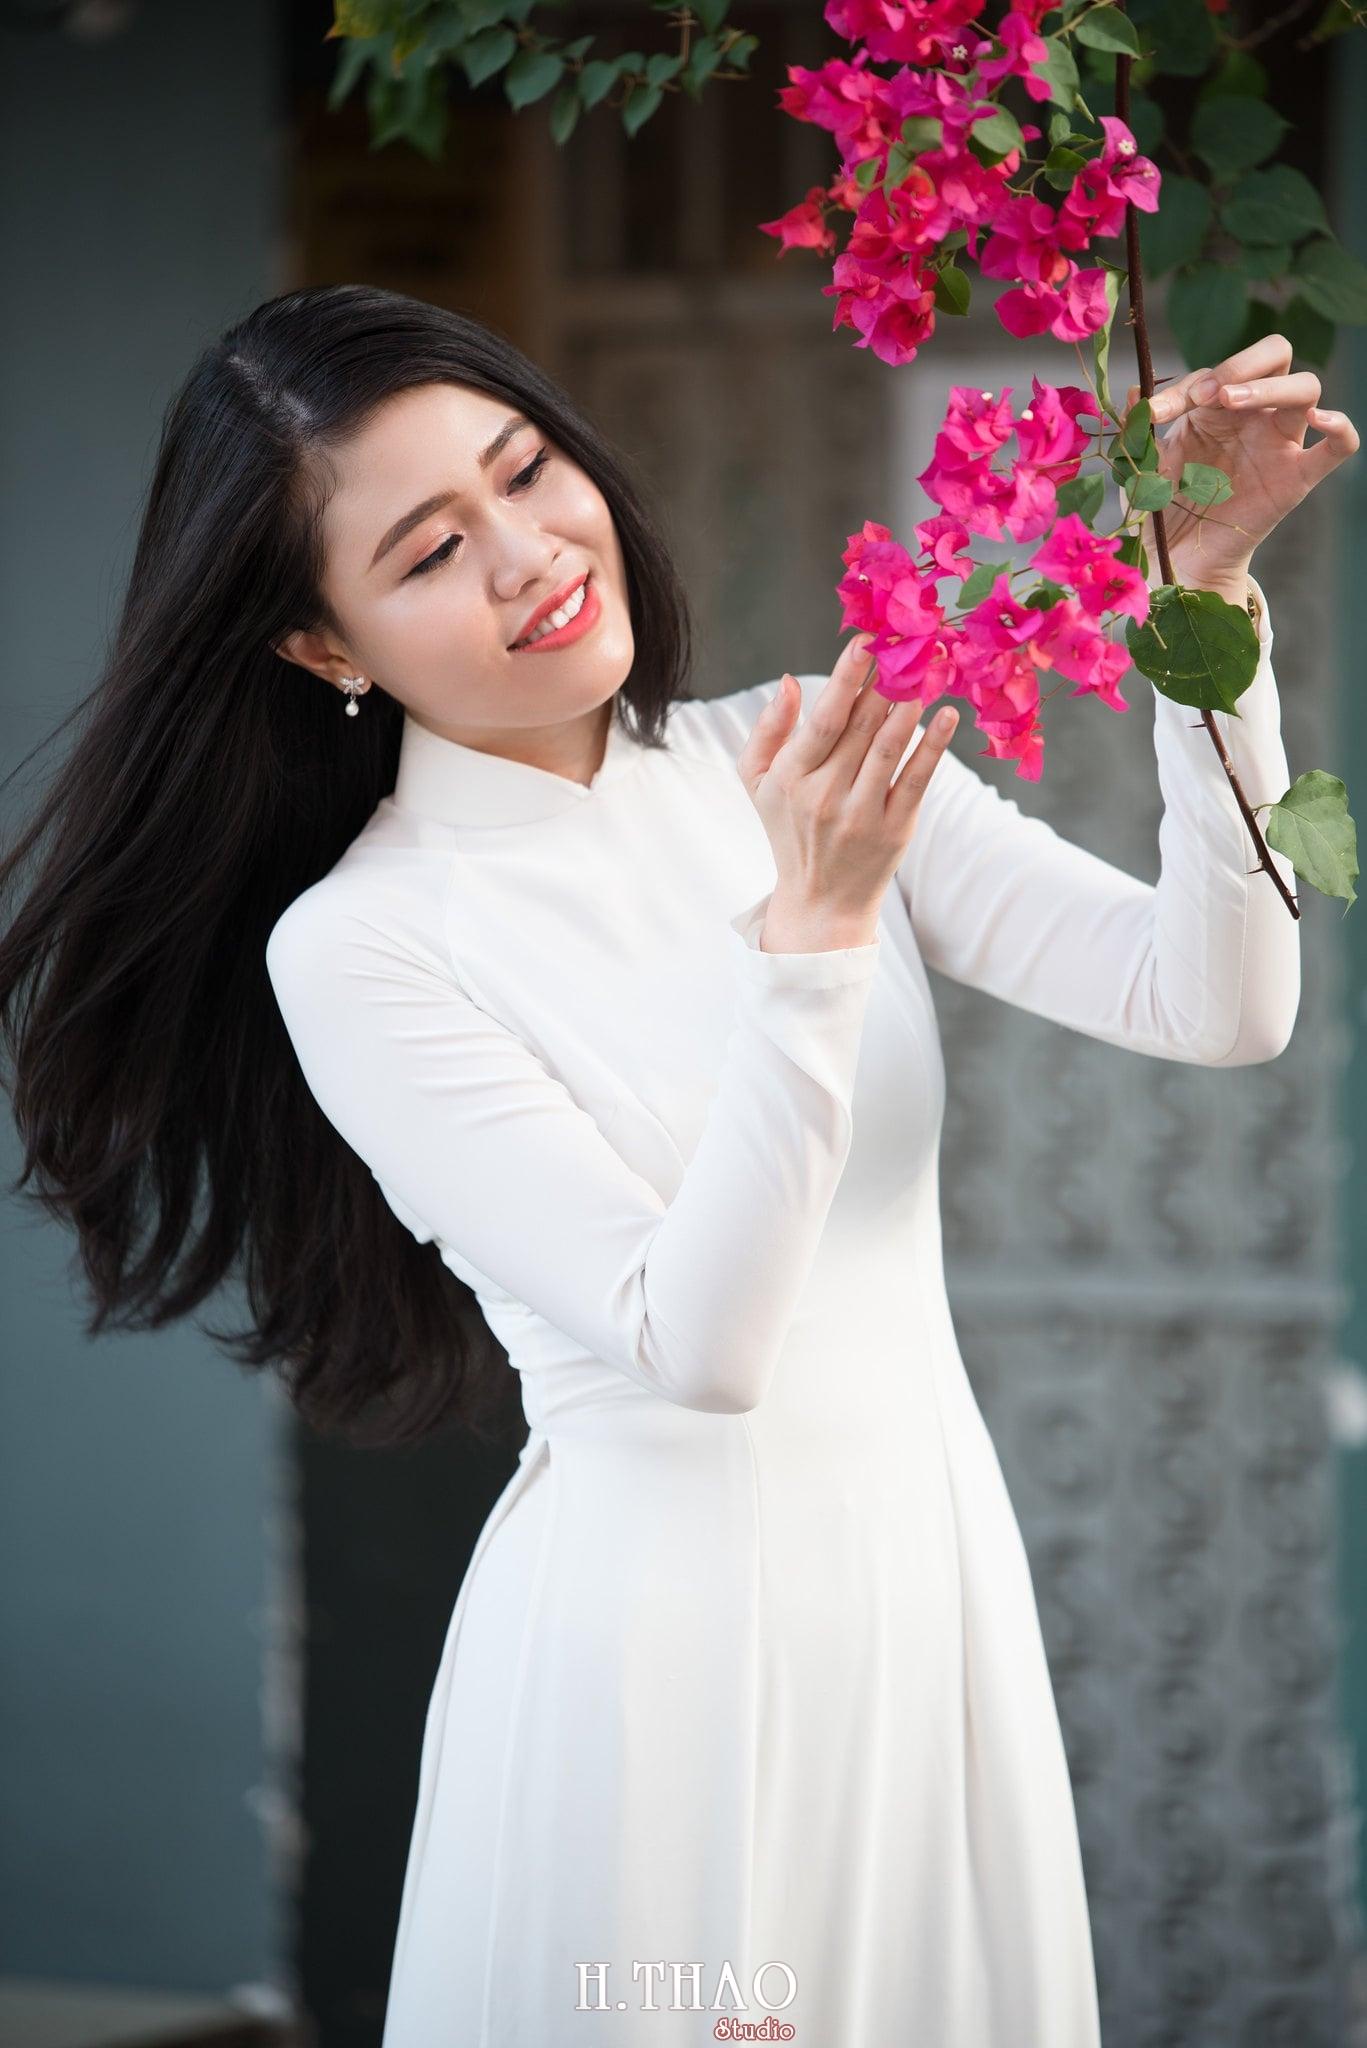 nu sinh ao dai dep - 49 cách tạo dáng chụp ảnh với áo dài tuyệt đẹp - HThao Studio